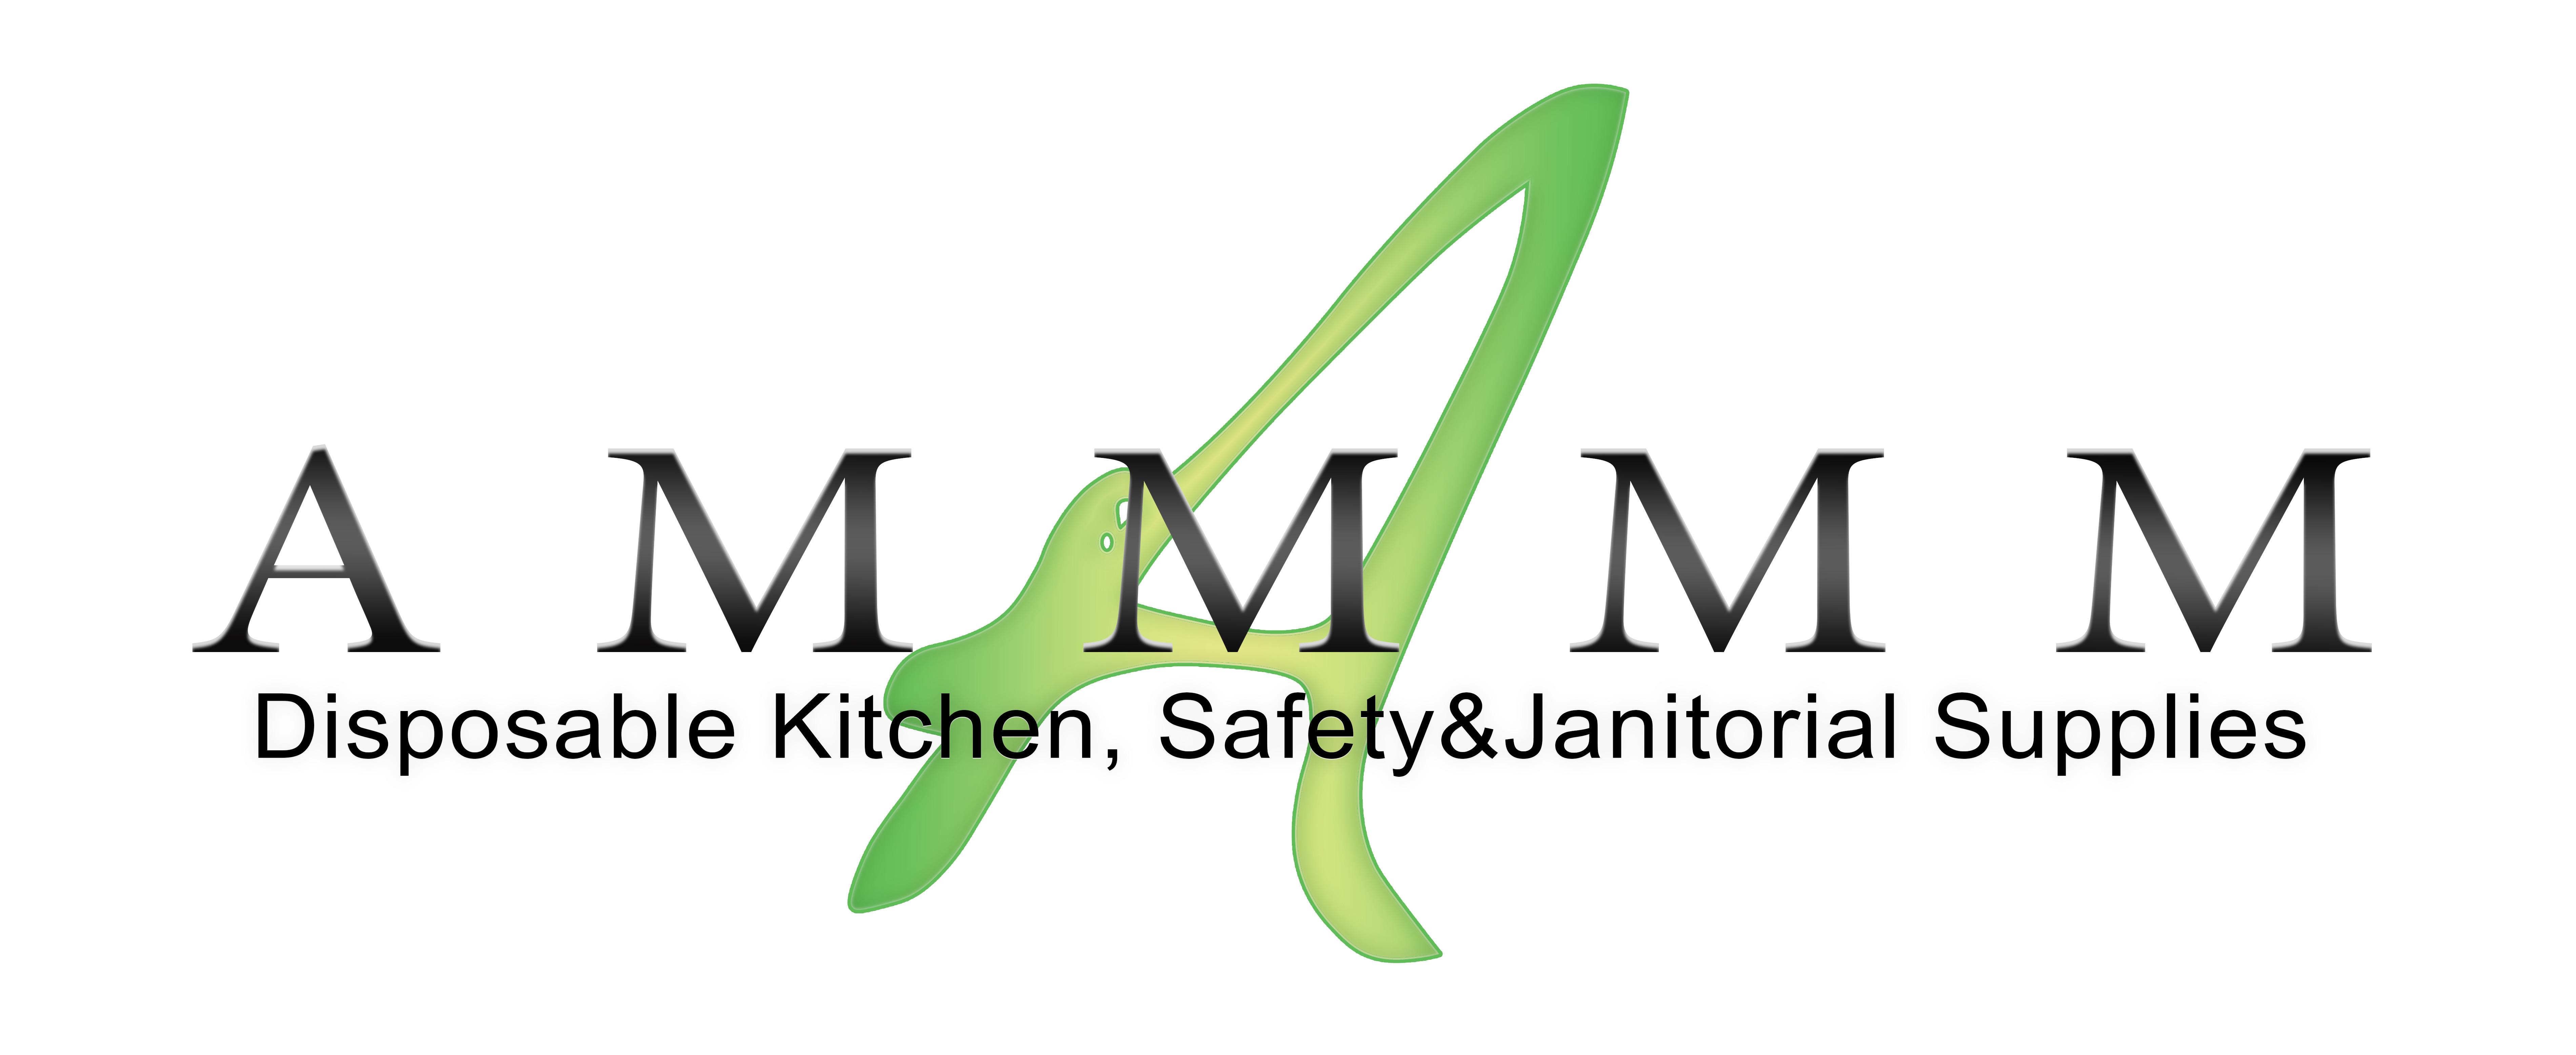 AmmMm Inc.